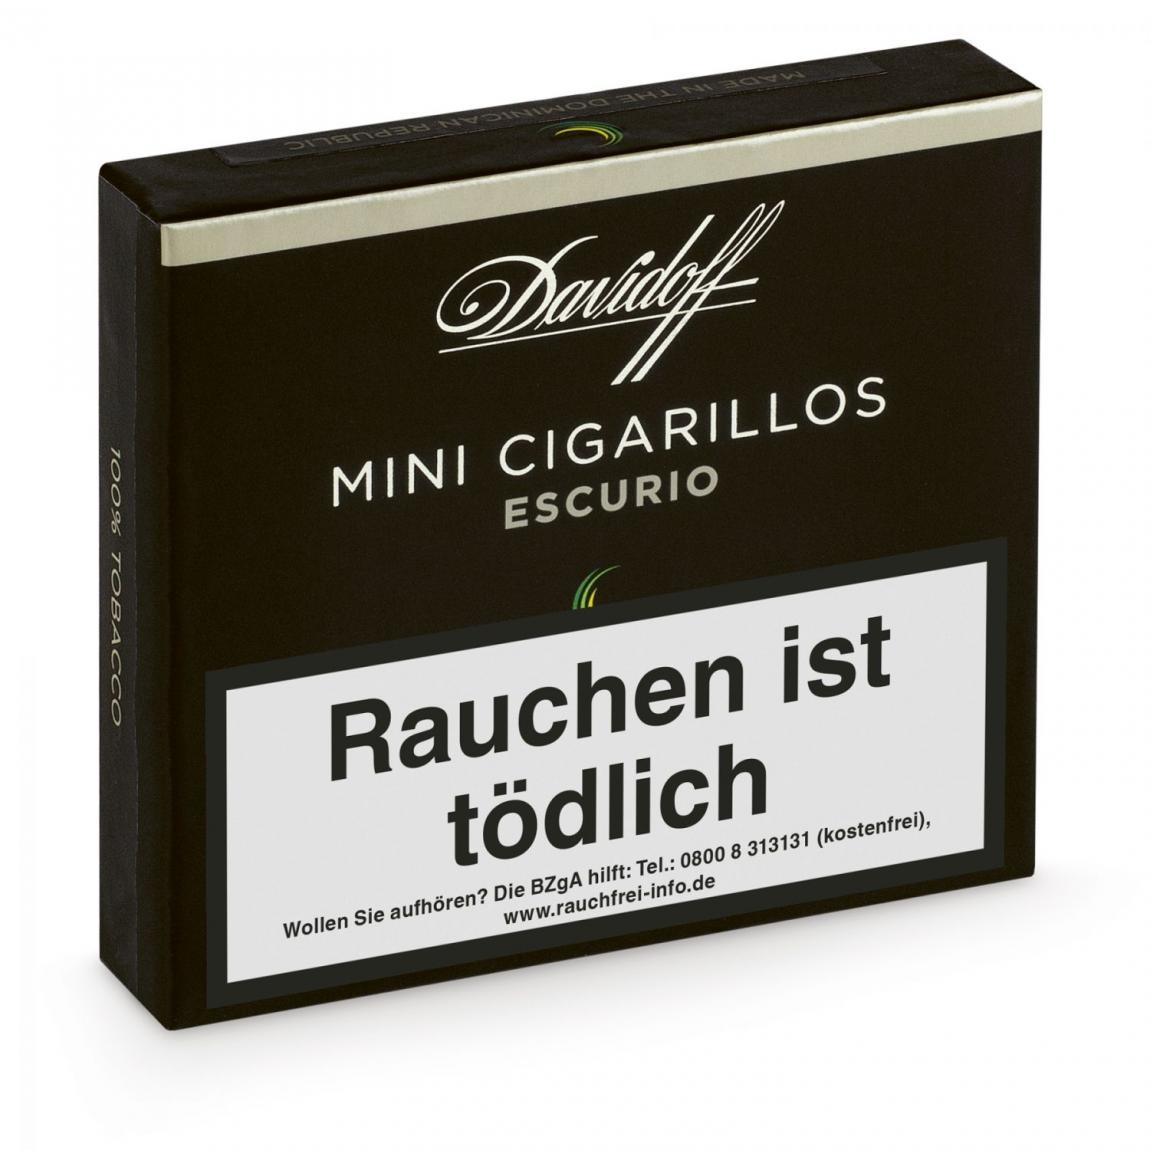 DAVIDOFF Mini Cigarillos Escurio 20er Schachtel